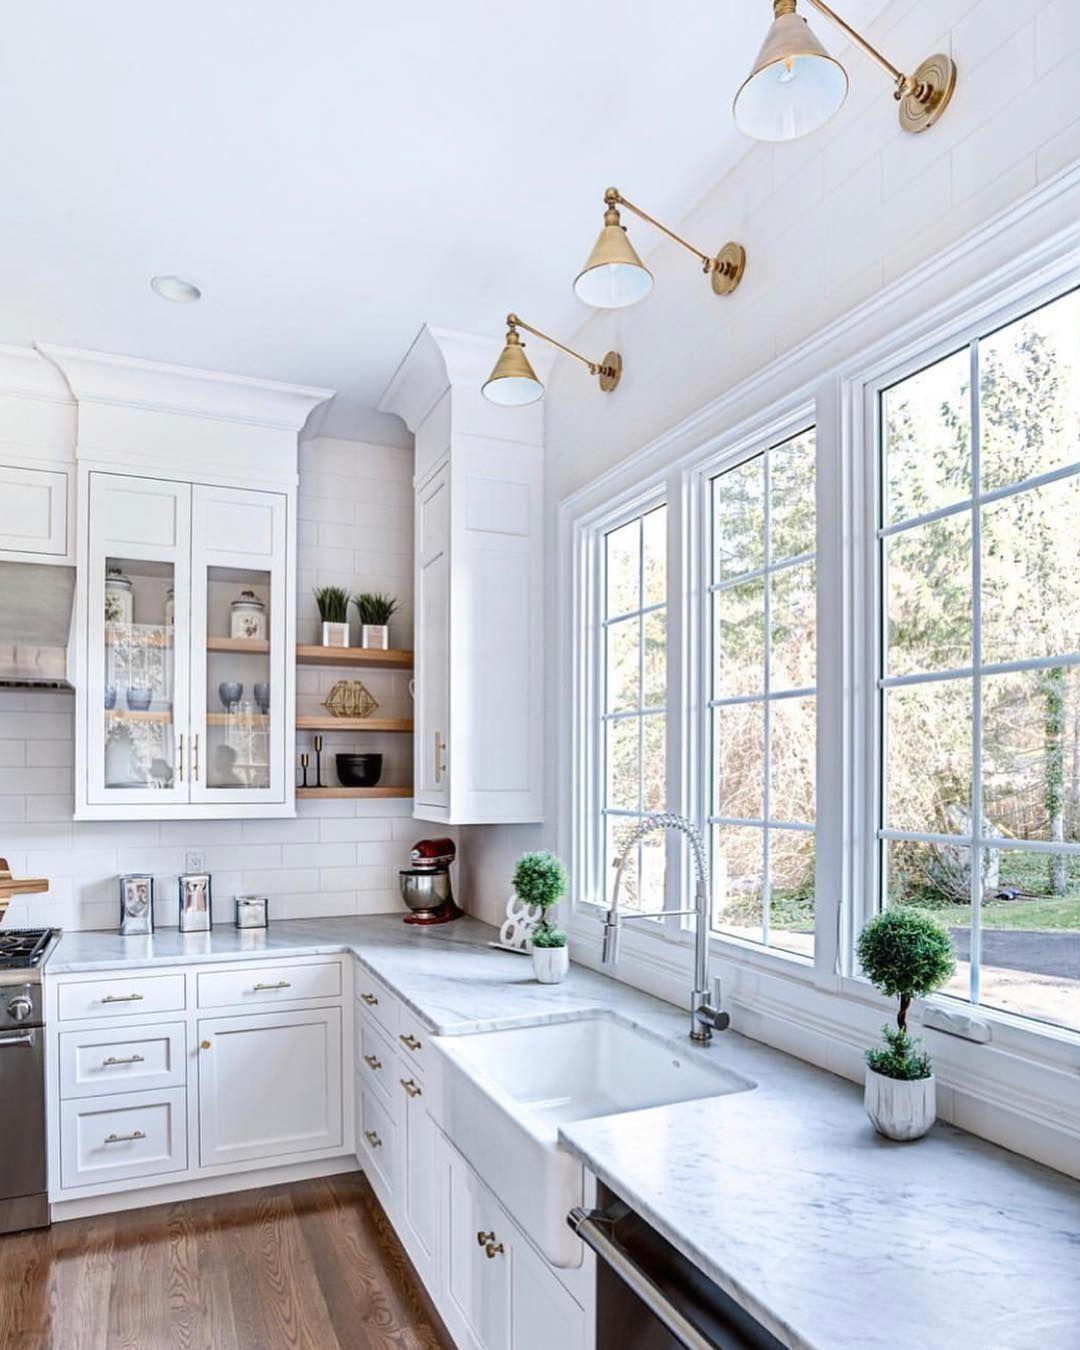 Noell Daniel Jett On Instagram 3 Windows Above The Sink Open Shelving Perfectly C In 2020 Kitchen Renovation Design Kitchen Window Design Light Above Kitchen Sink